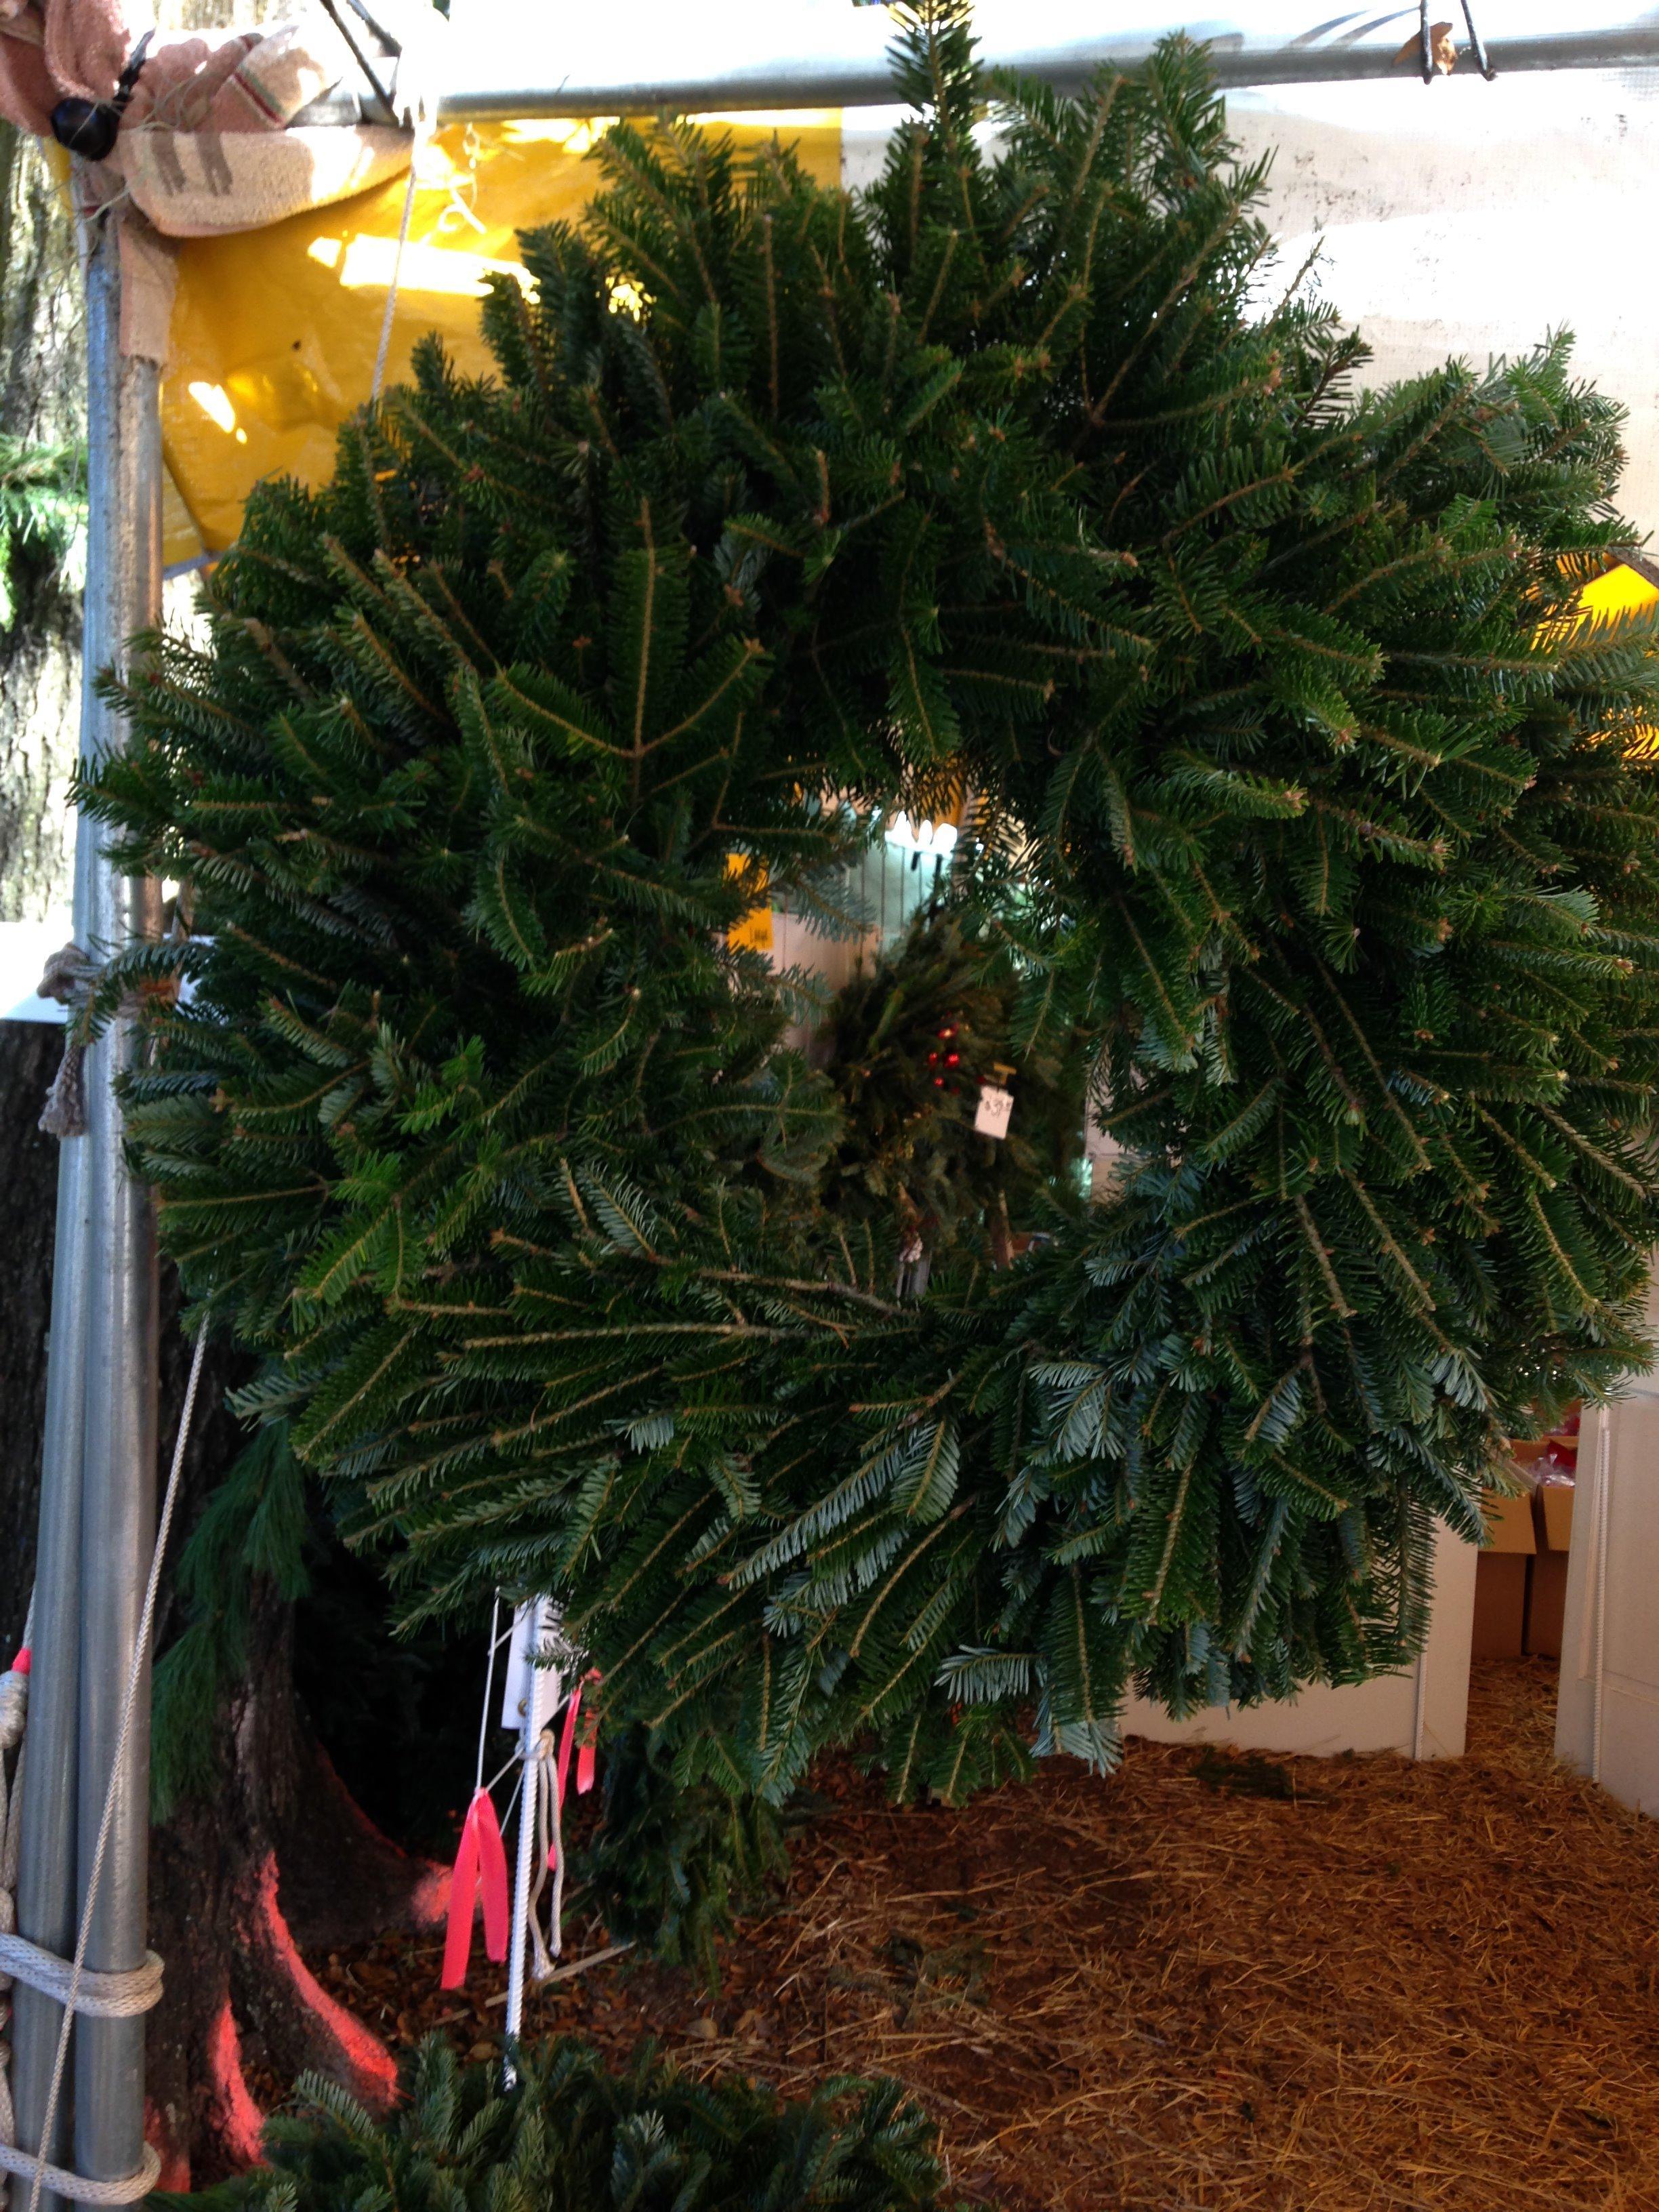 Dave's Christmas Tree Lot image 32